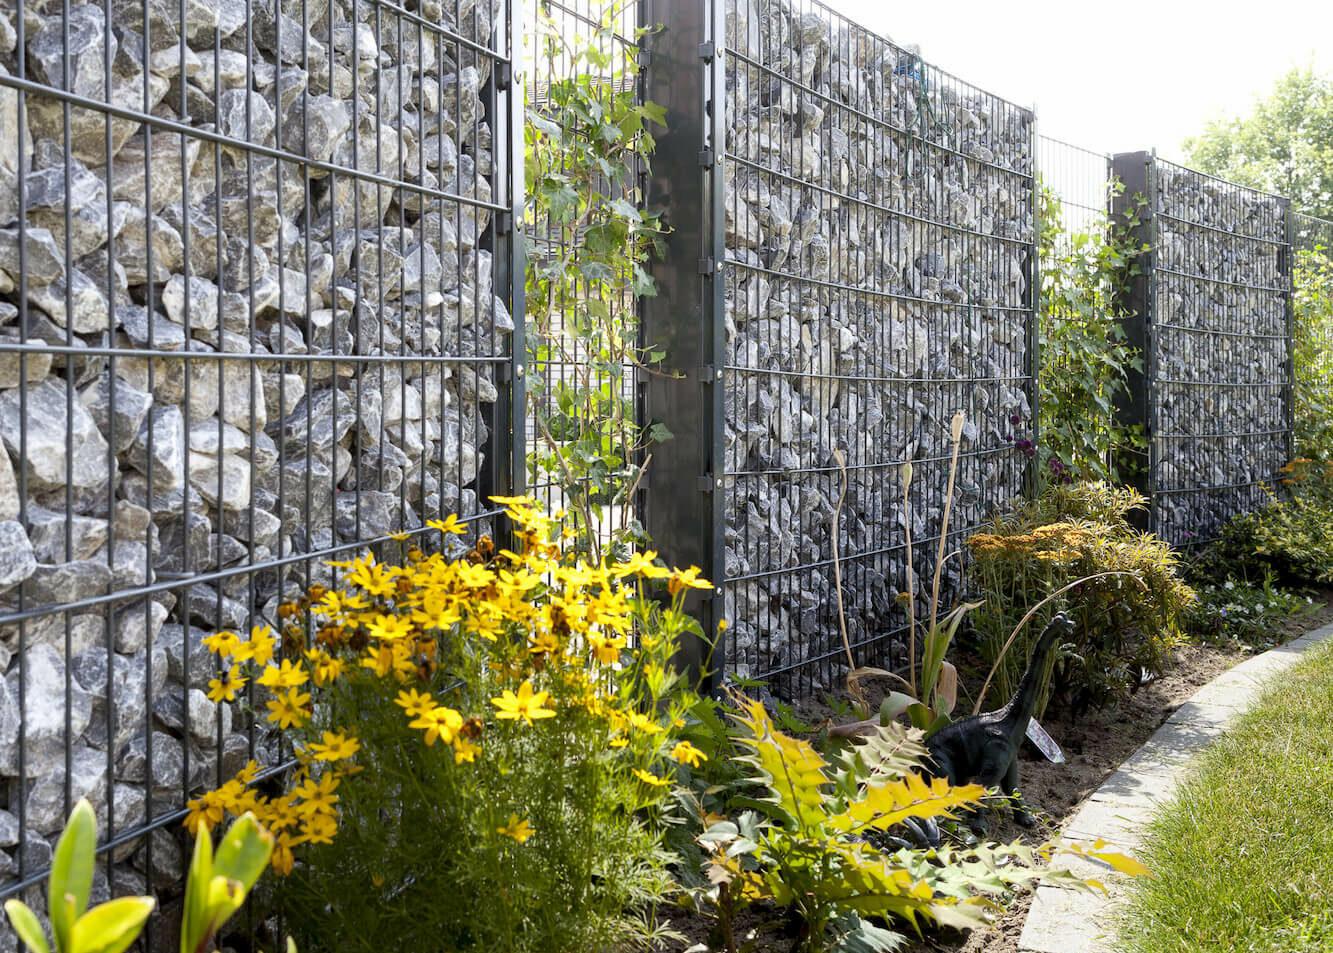 Schacht garden A1 ZaunPartner Gabionenzaun-Systeme 2